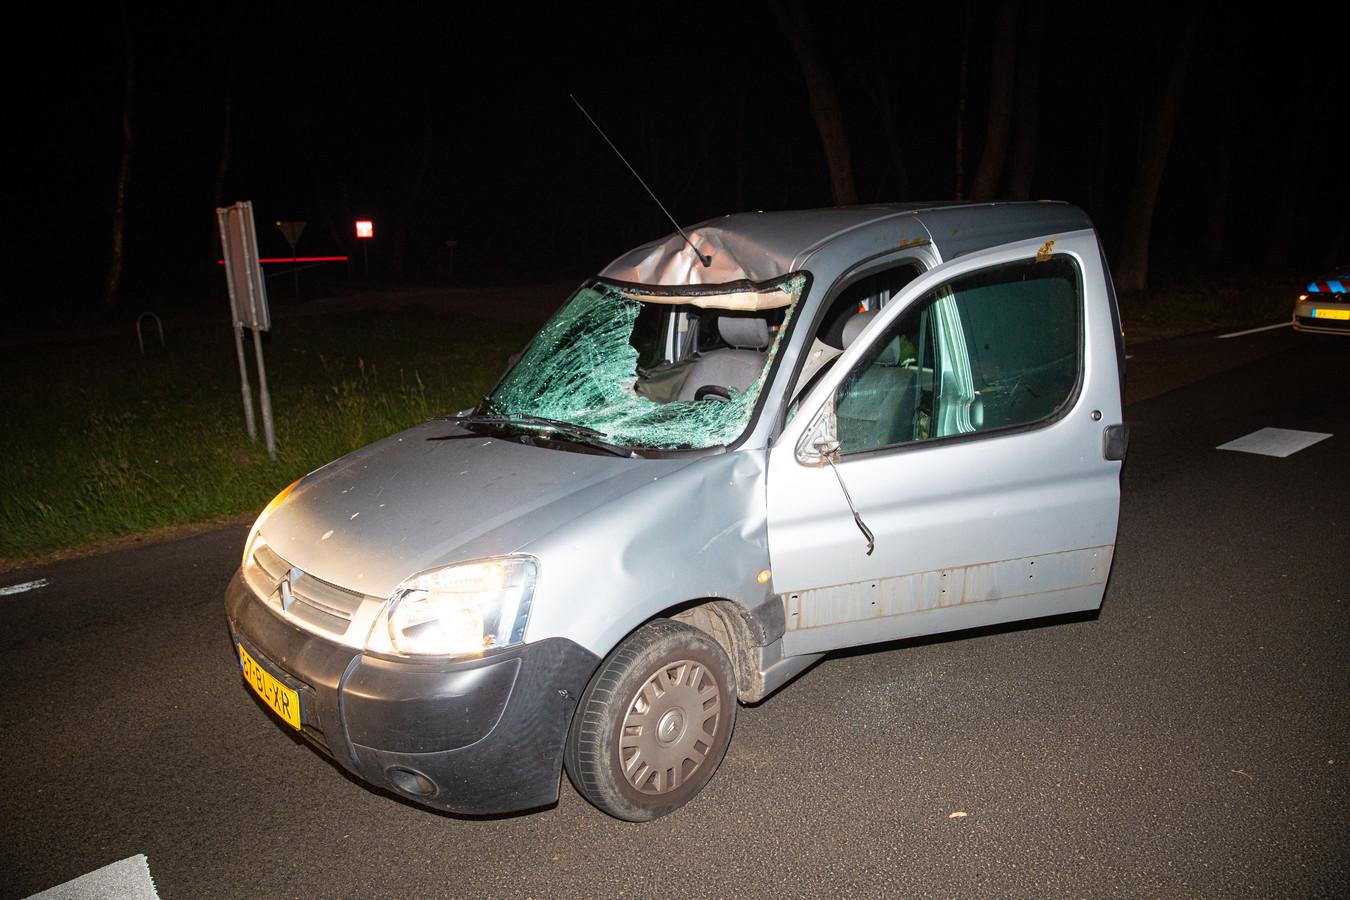 De aanrijding met de ree leverde forse schade op aan de auto. Het dier overleefde het bovendien niet.